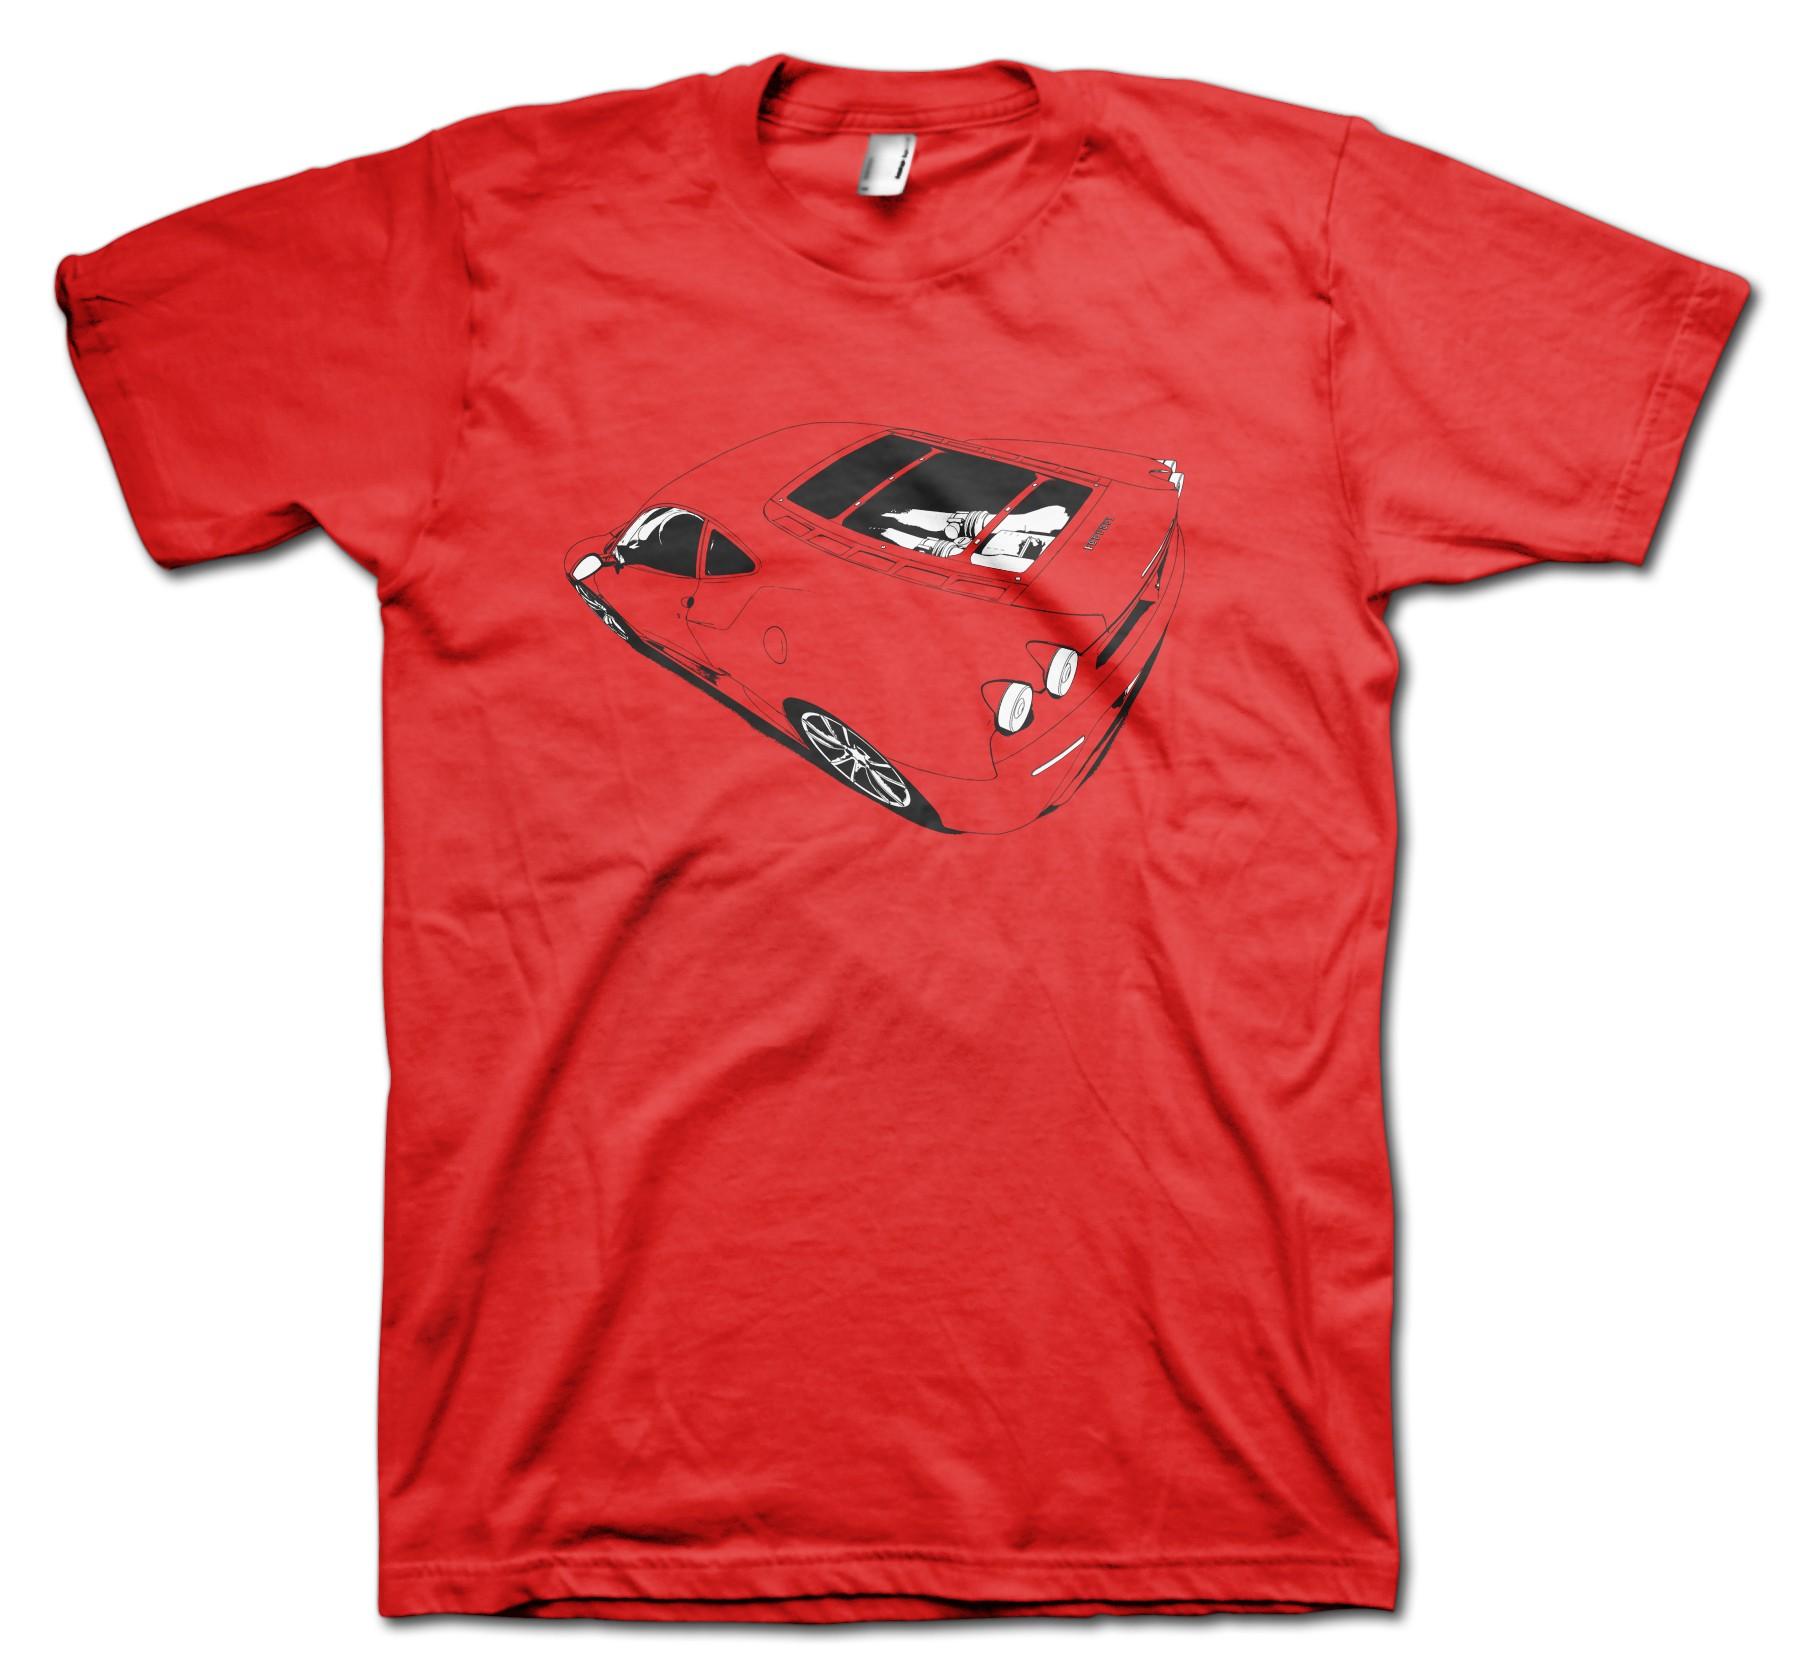 Ferrari F430 t-shirt